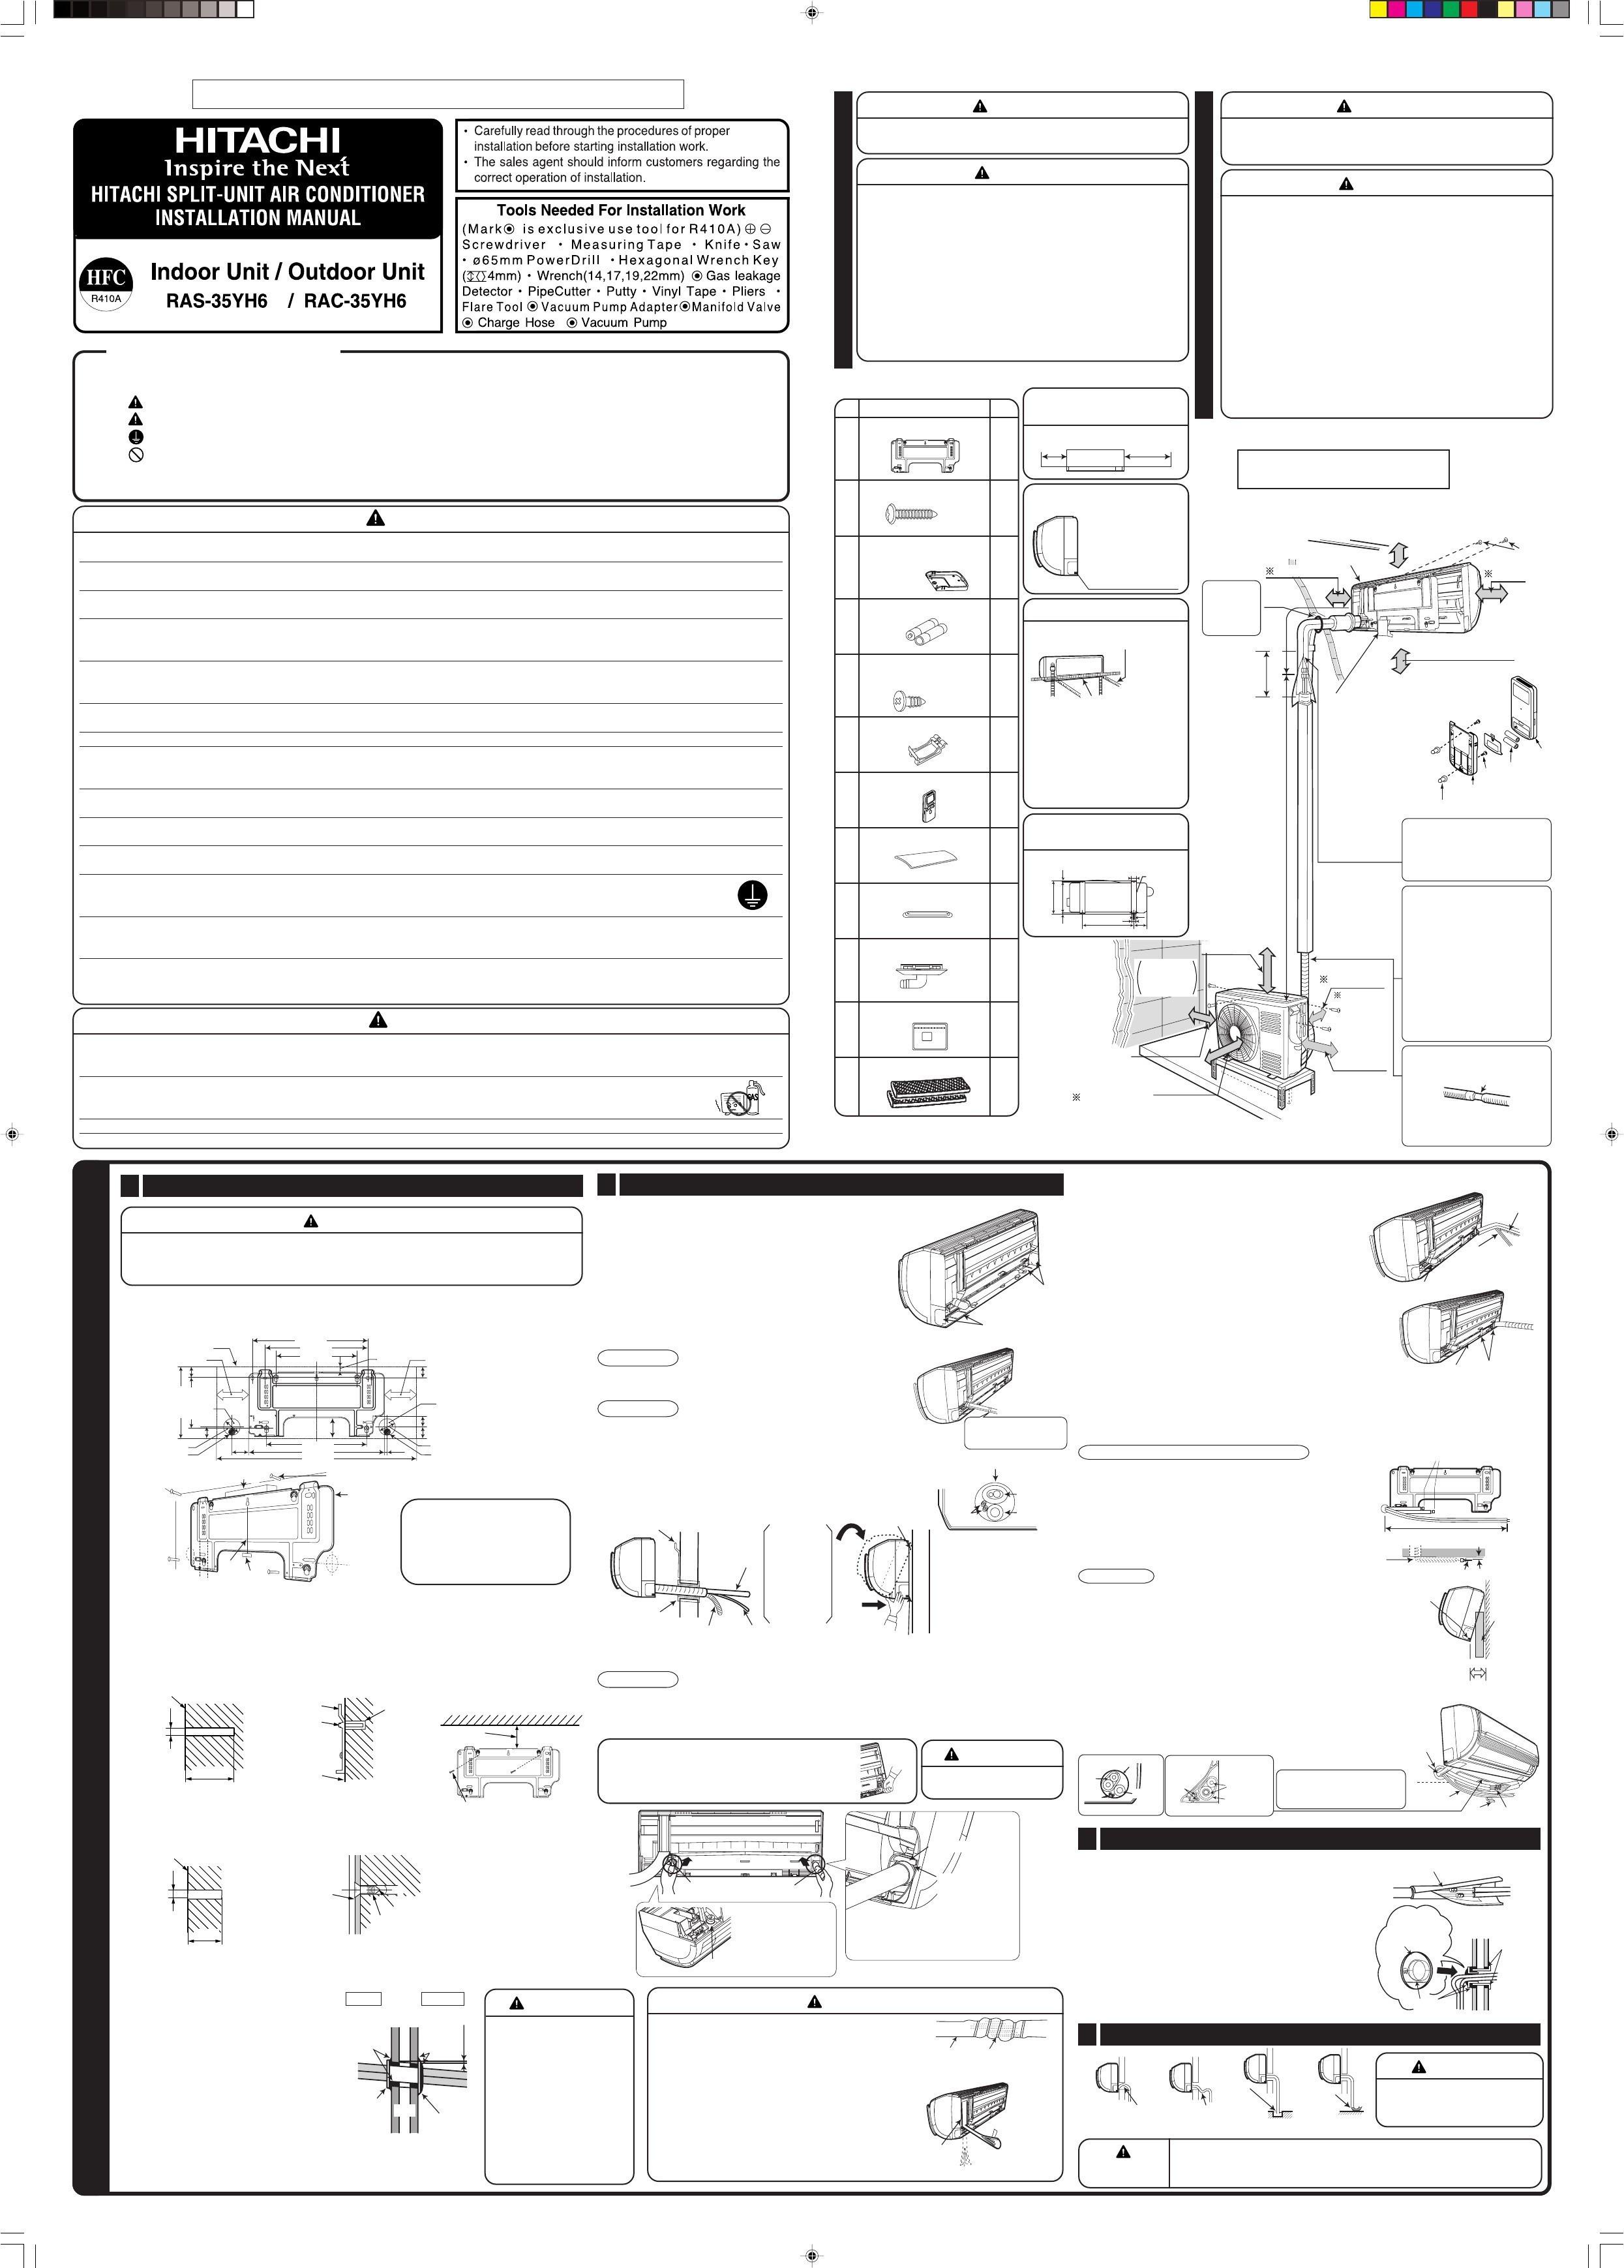 Hvac Condenser Wiring Diagram Valid Wiring Diagram for Ac Condenser Save Wiring Diagram Ac Central New